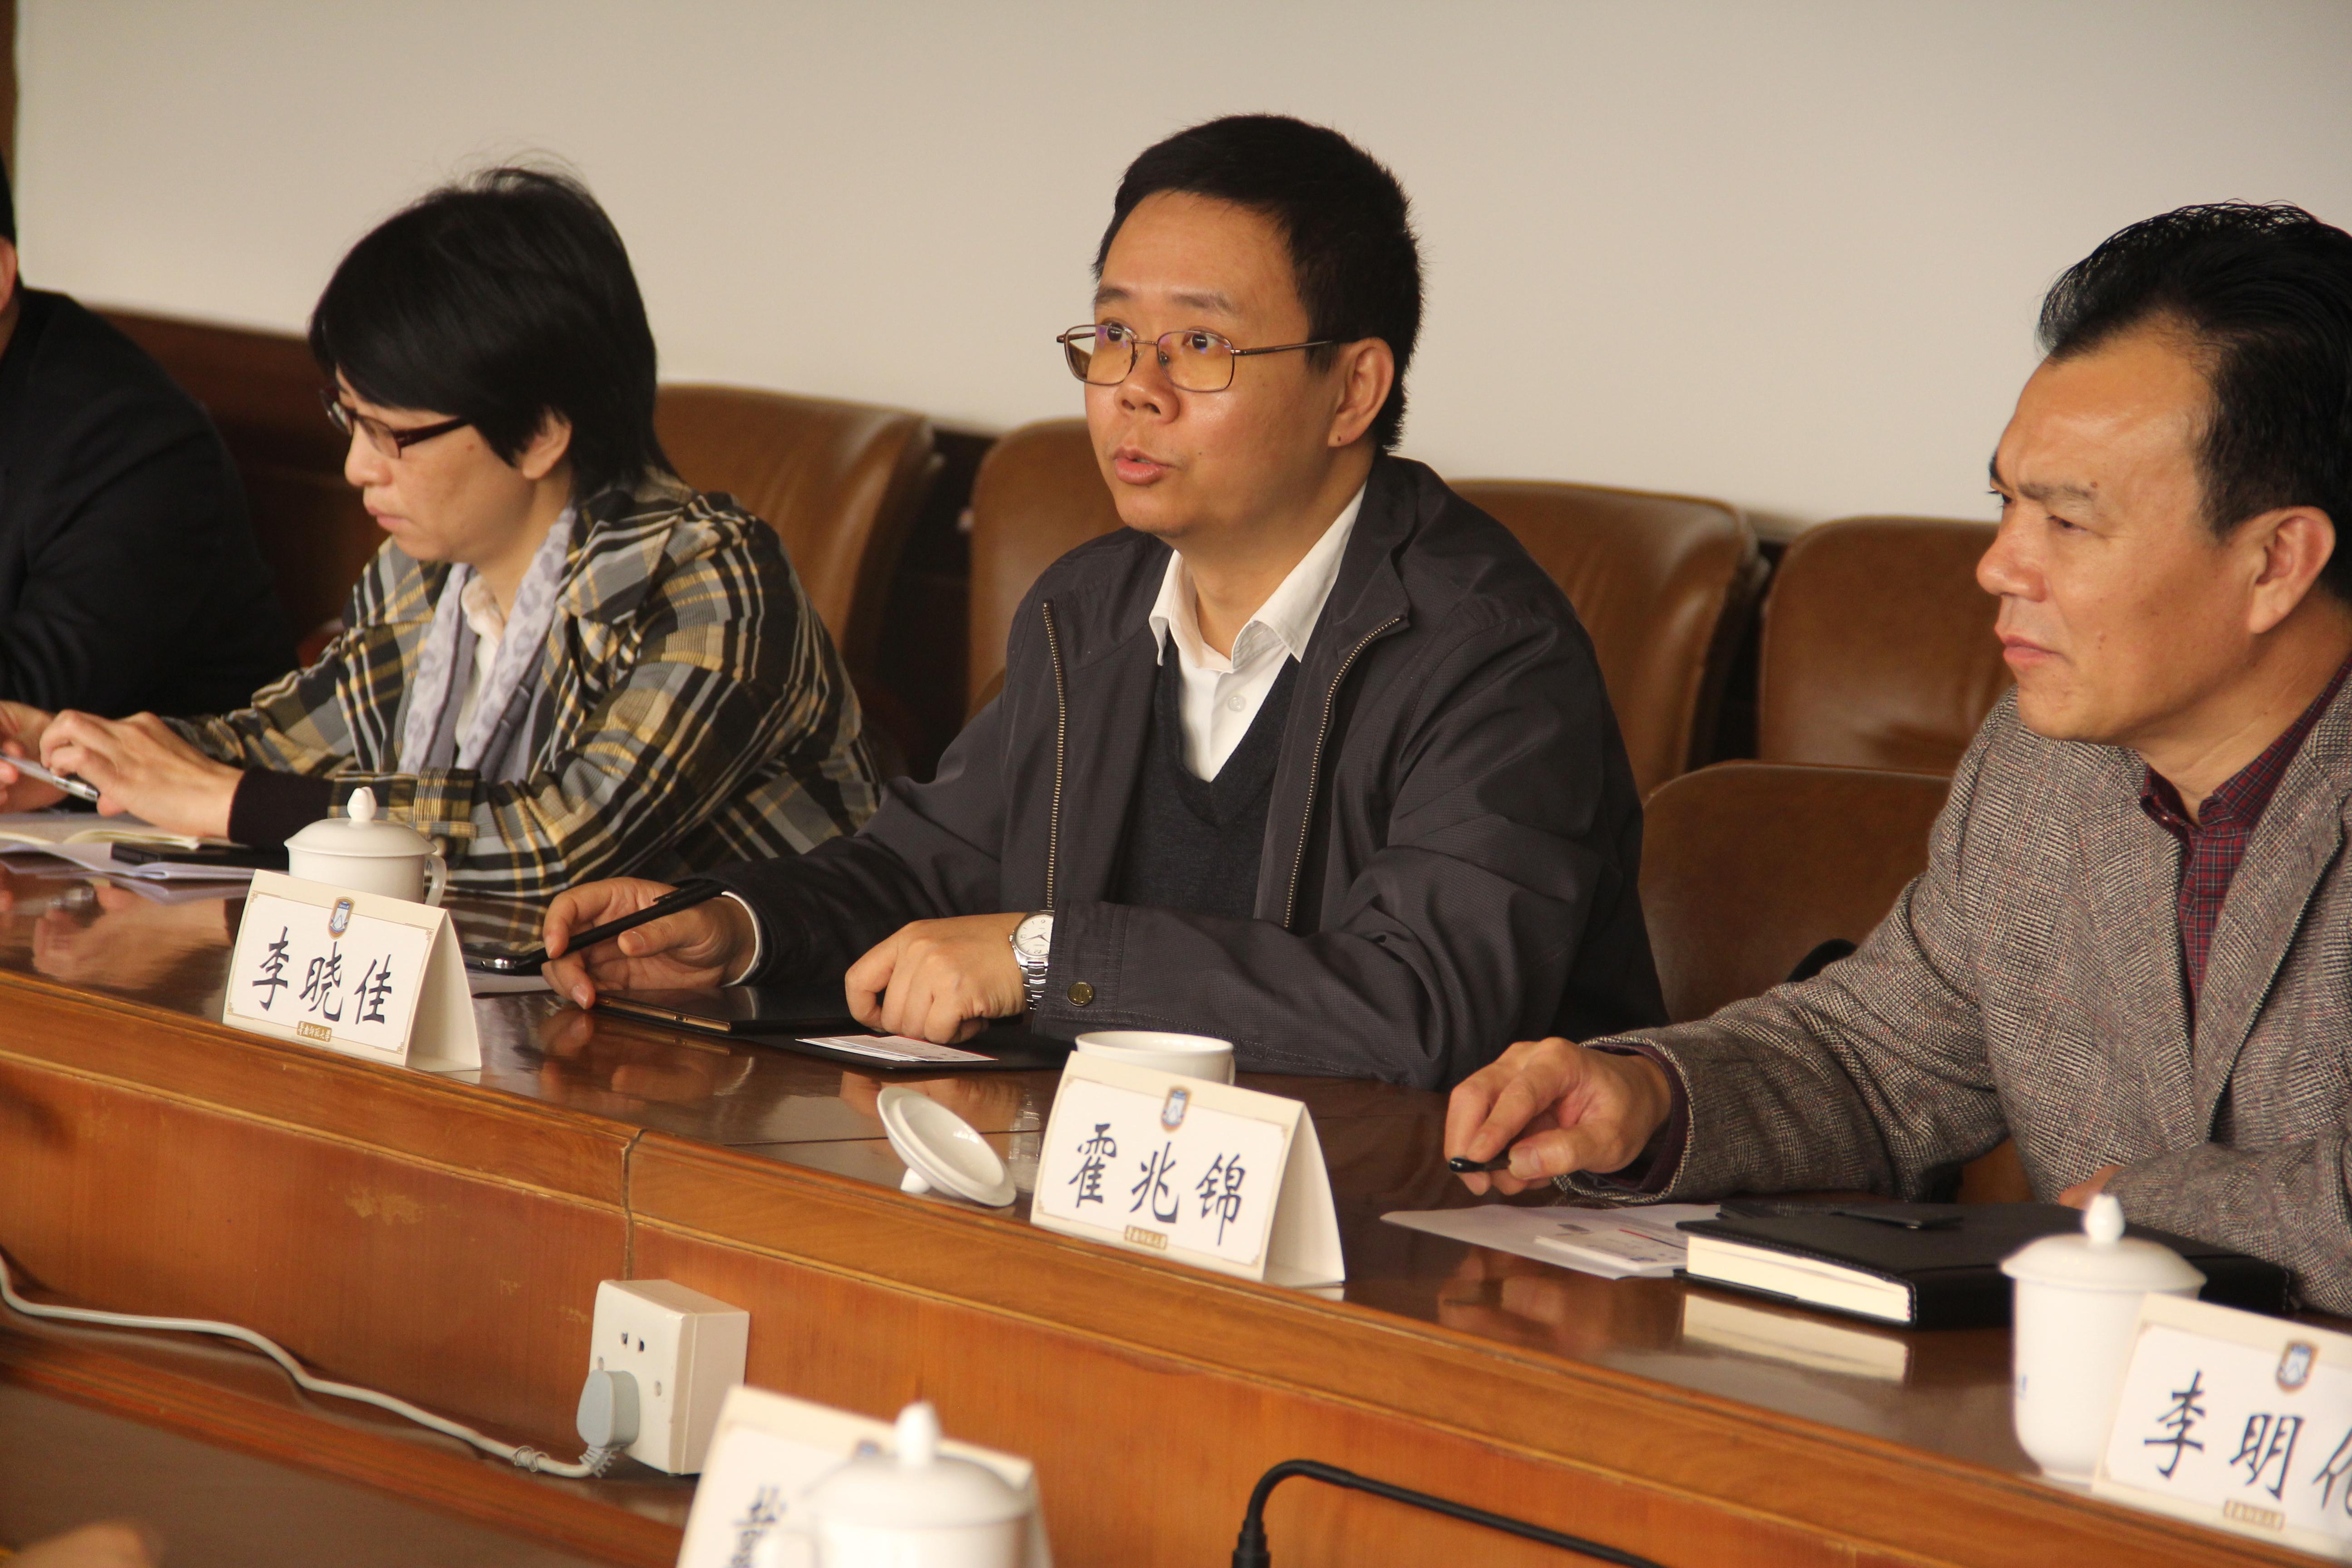 我校与南海区政府举行深化合作洽谈